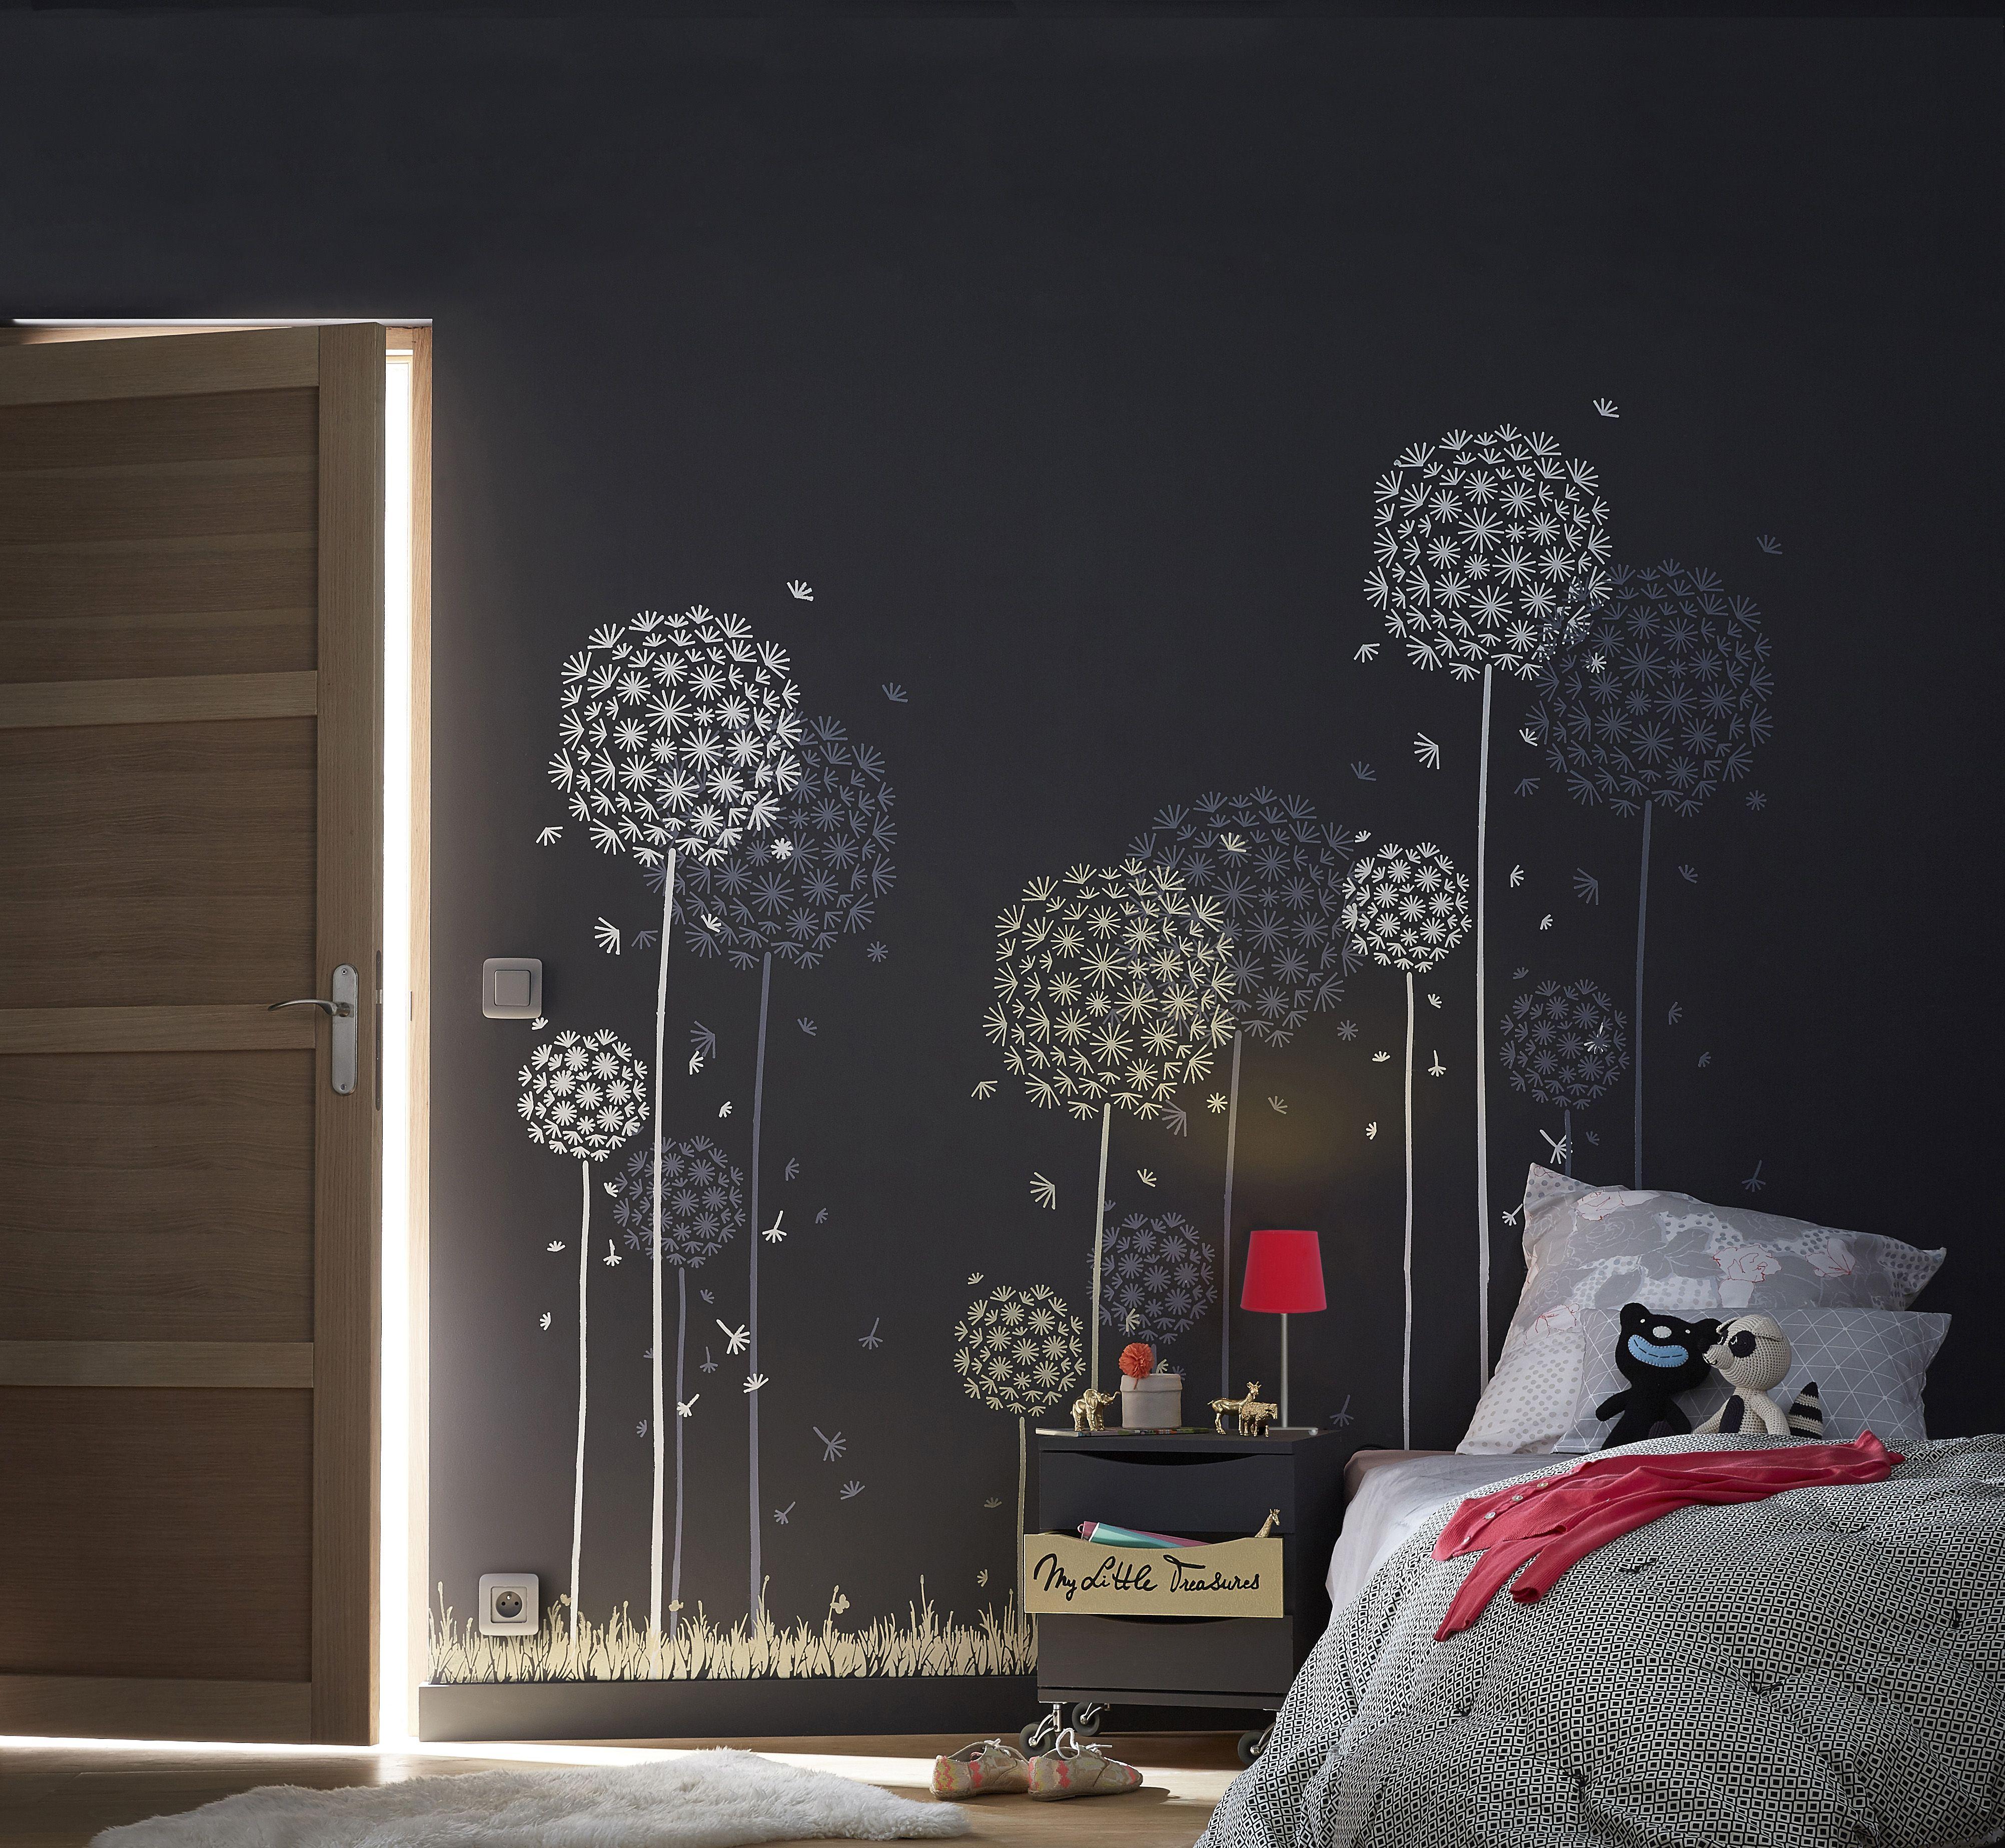 Pochoirs bucoliques pour chambre po tique ideedeco chambre enfants pinterest - Pochoir mural chambre ...